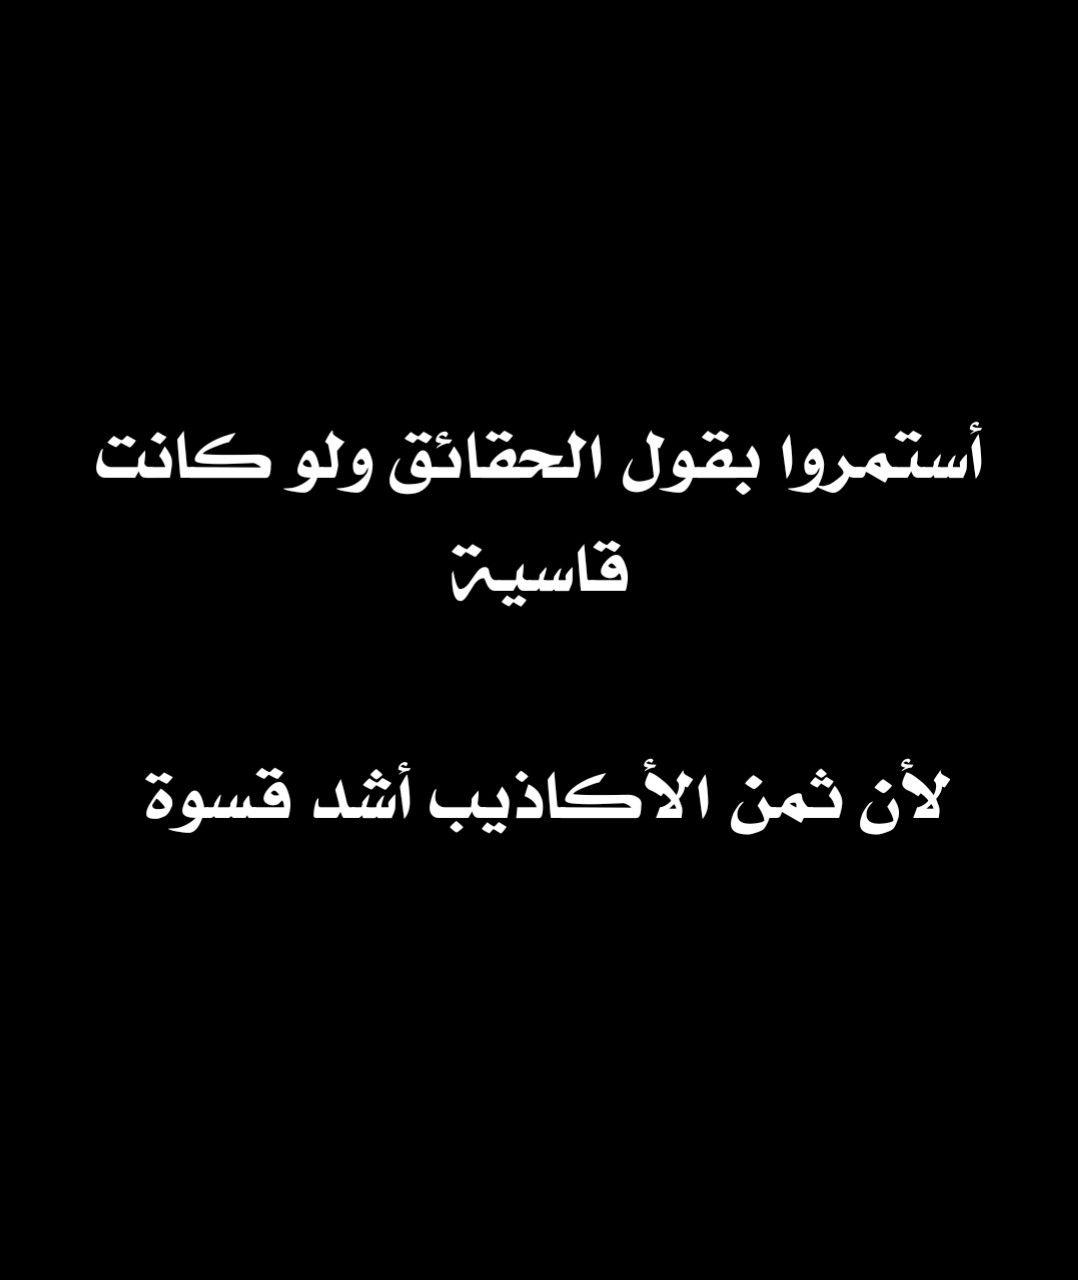 أستمروا بقول الحقائق ولو كانت قاسية لأن ثمن الكذب أشد قسوة In 2021 Arabic Calligraphy Calligraphy